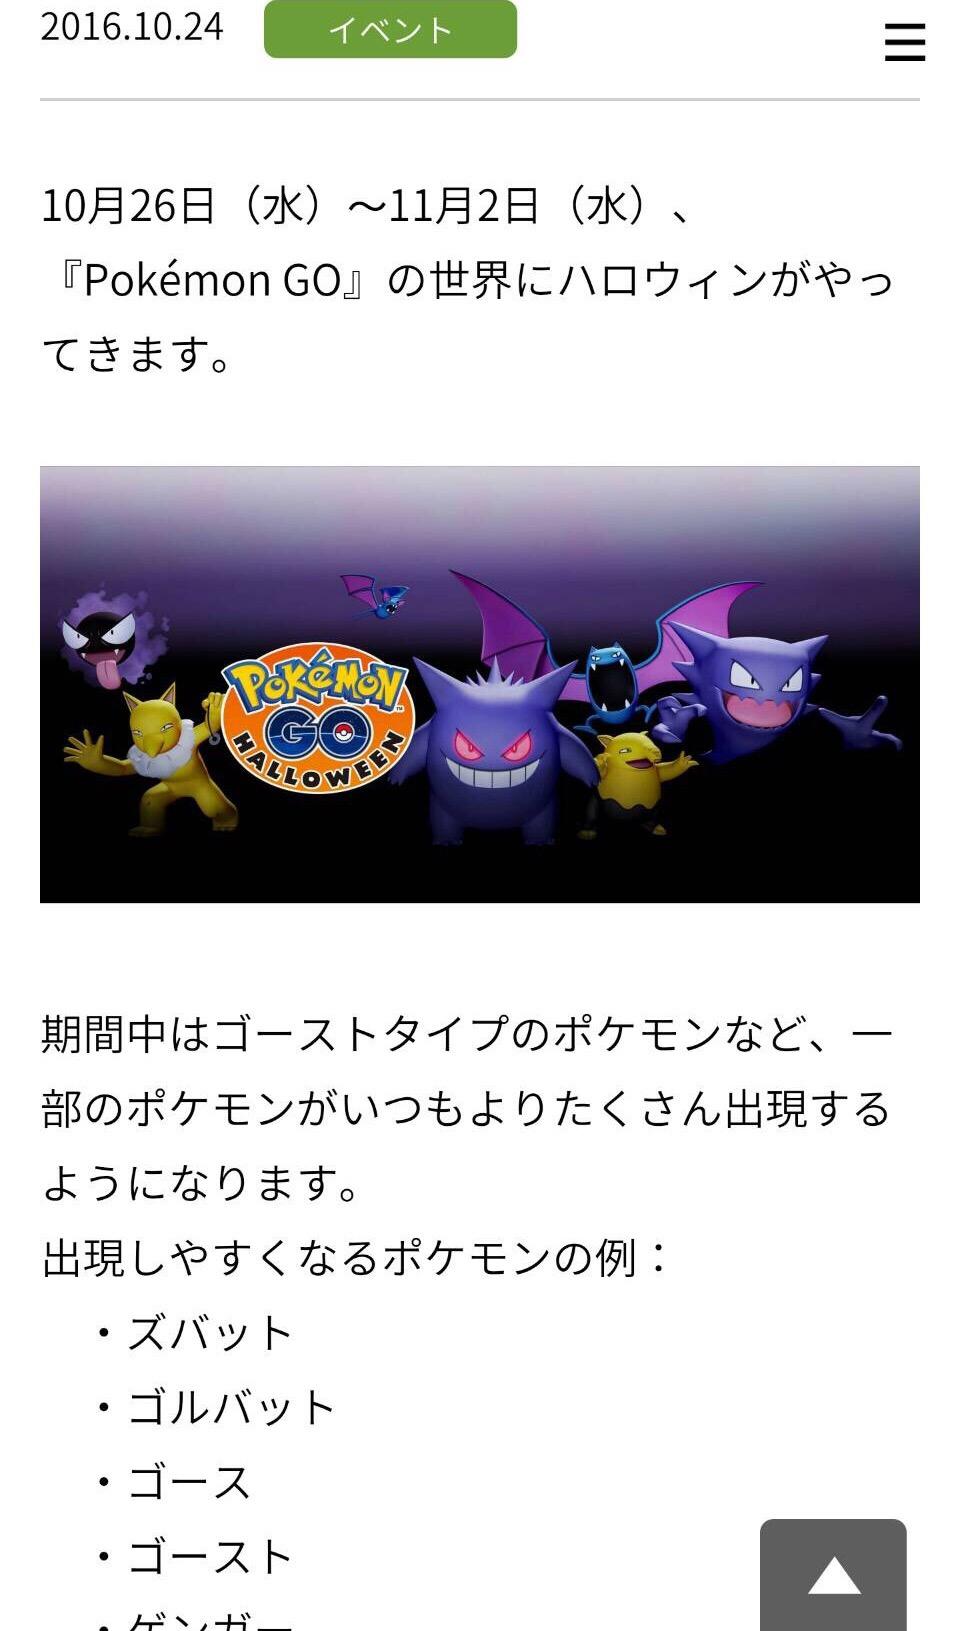 Pokémon GOハロウィンイベント開始なのにアップデートで不具合連発だ!